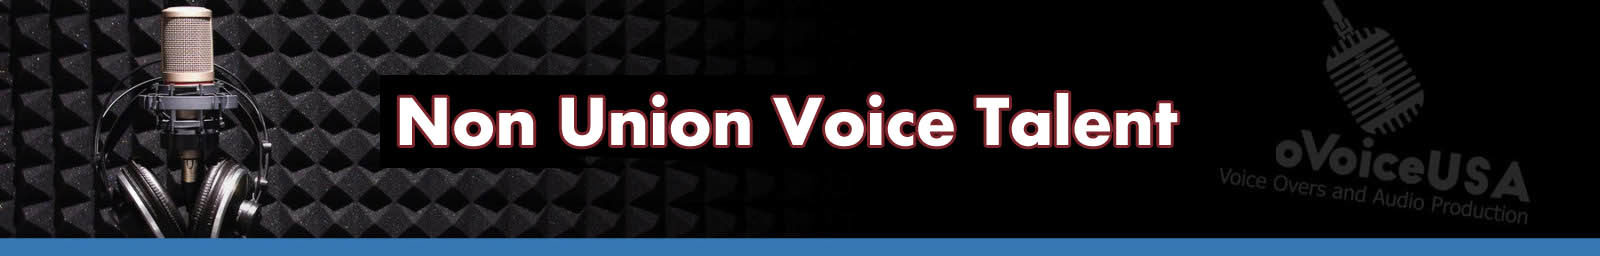 Non Union Voice Talent Header